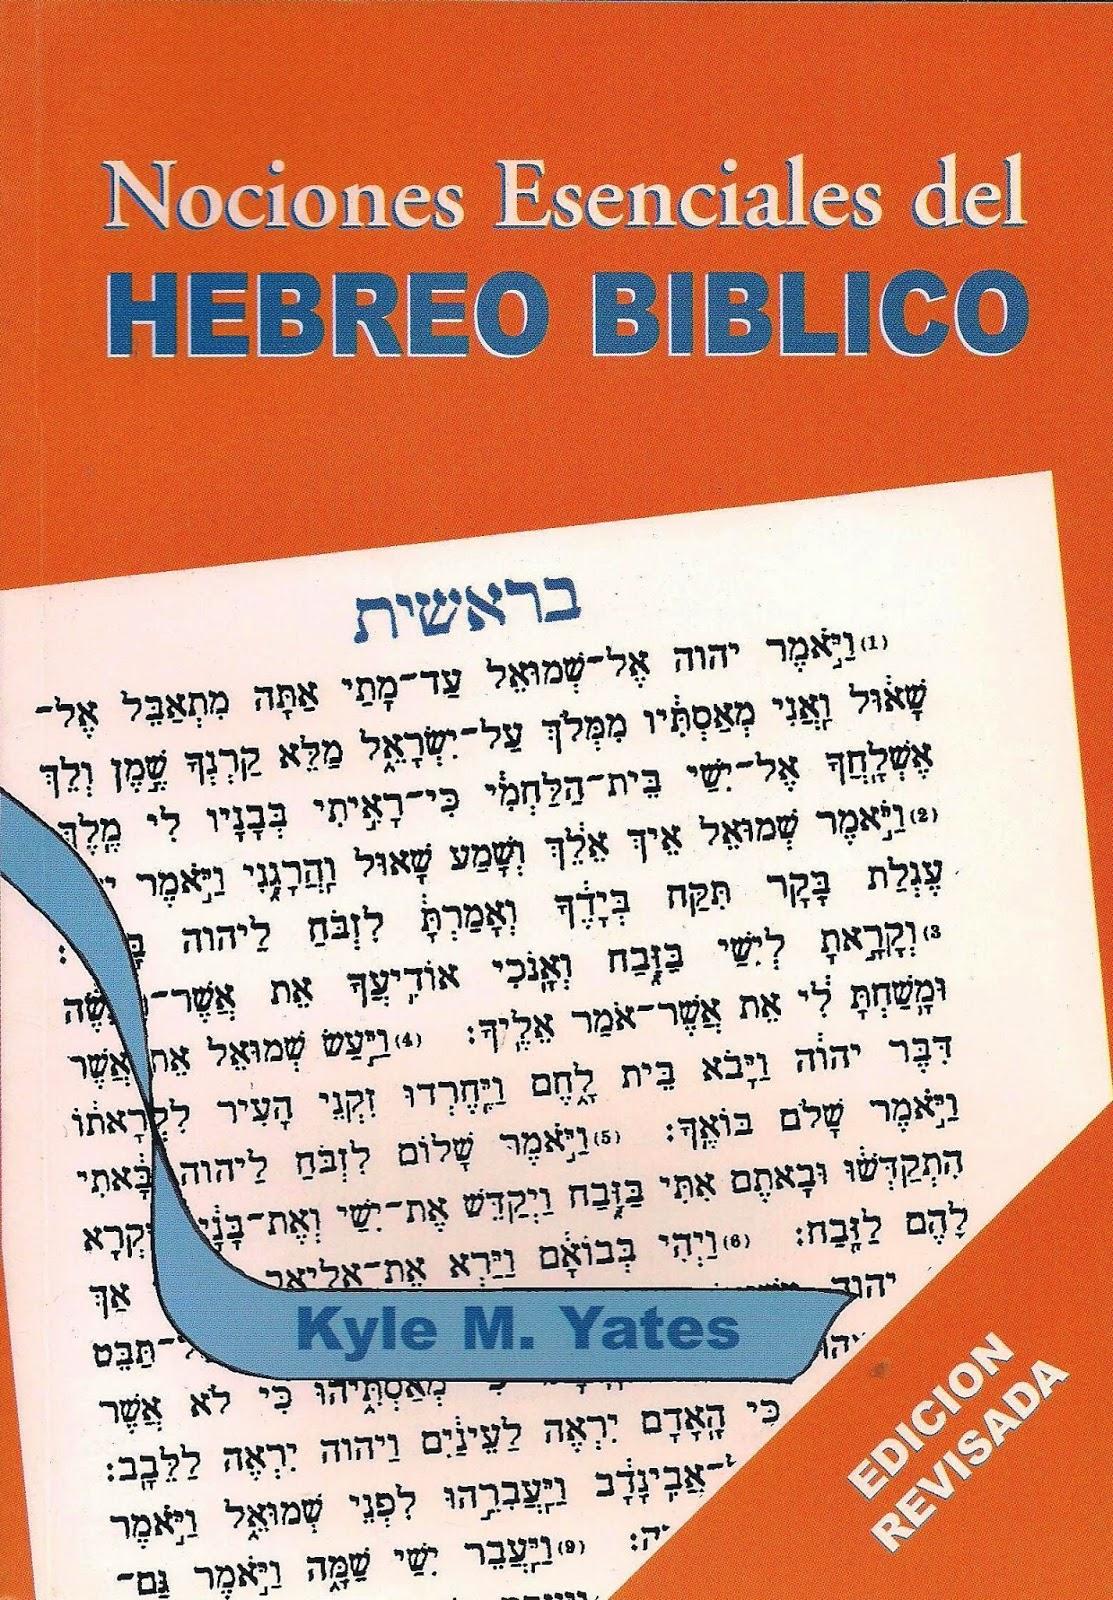 Kyle M. Yates-Nociones Esenciales Del Hebreo Bíblico-